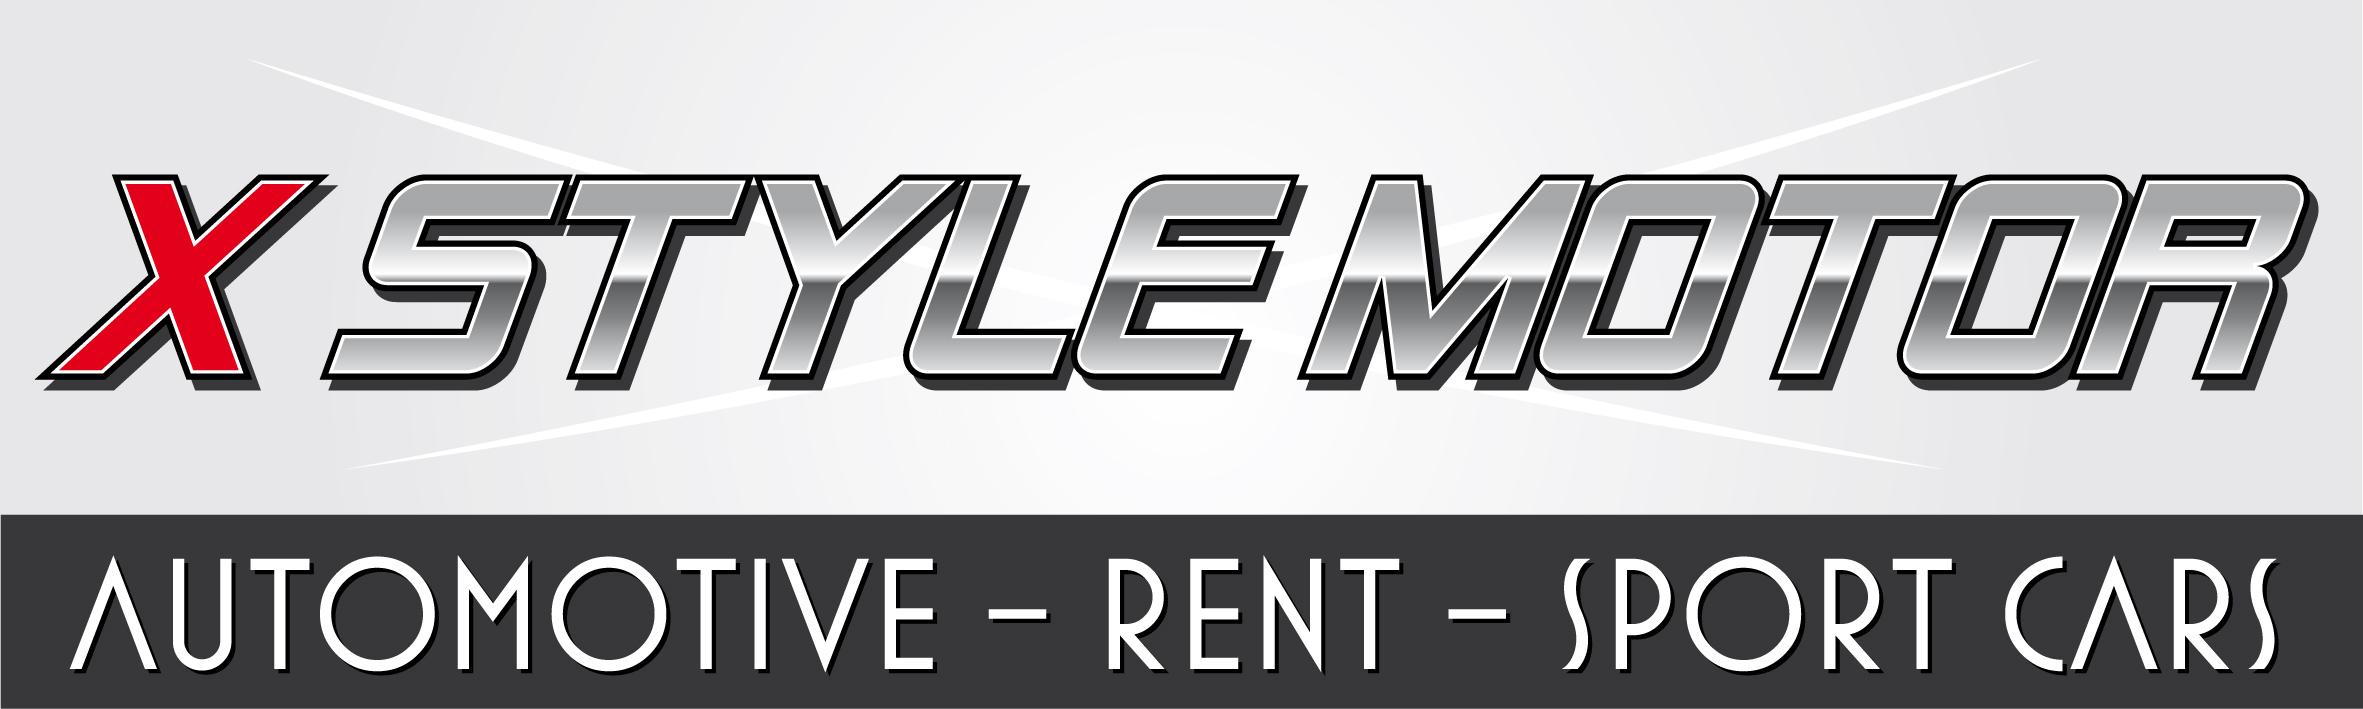 Xstyle Motor